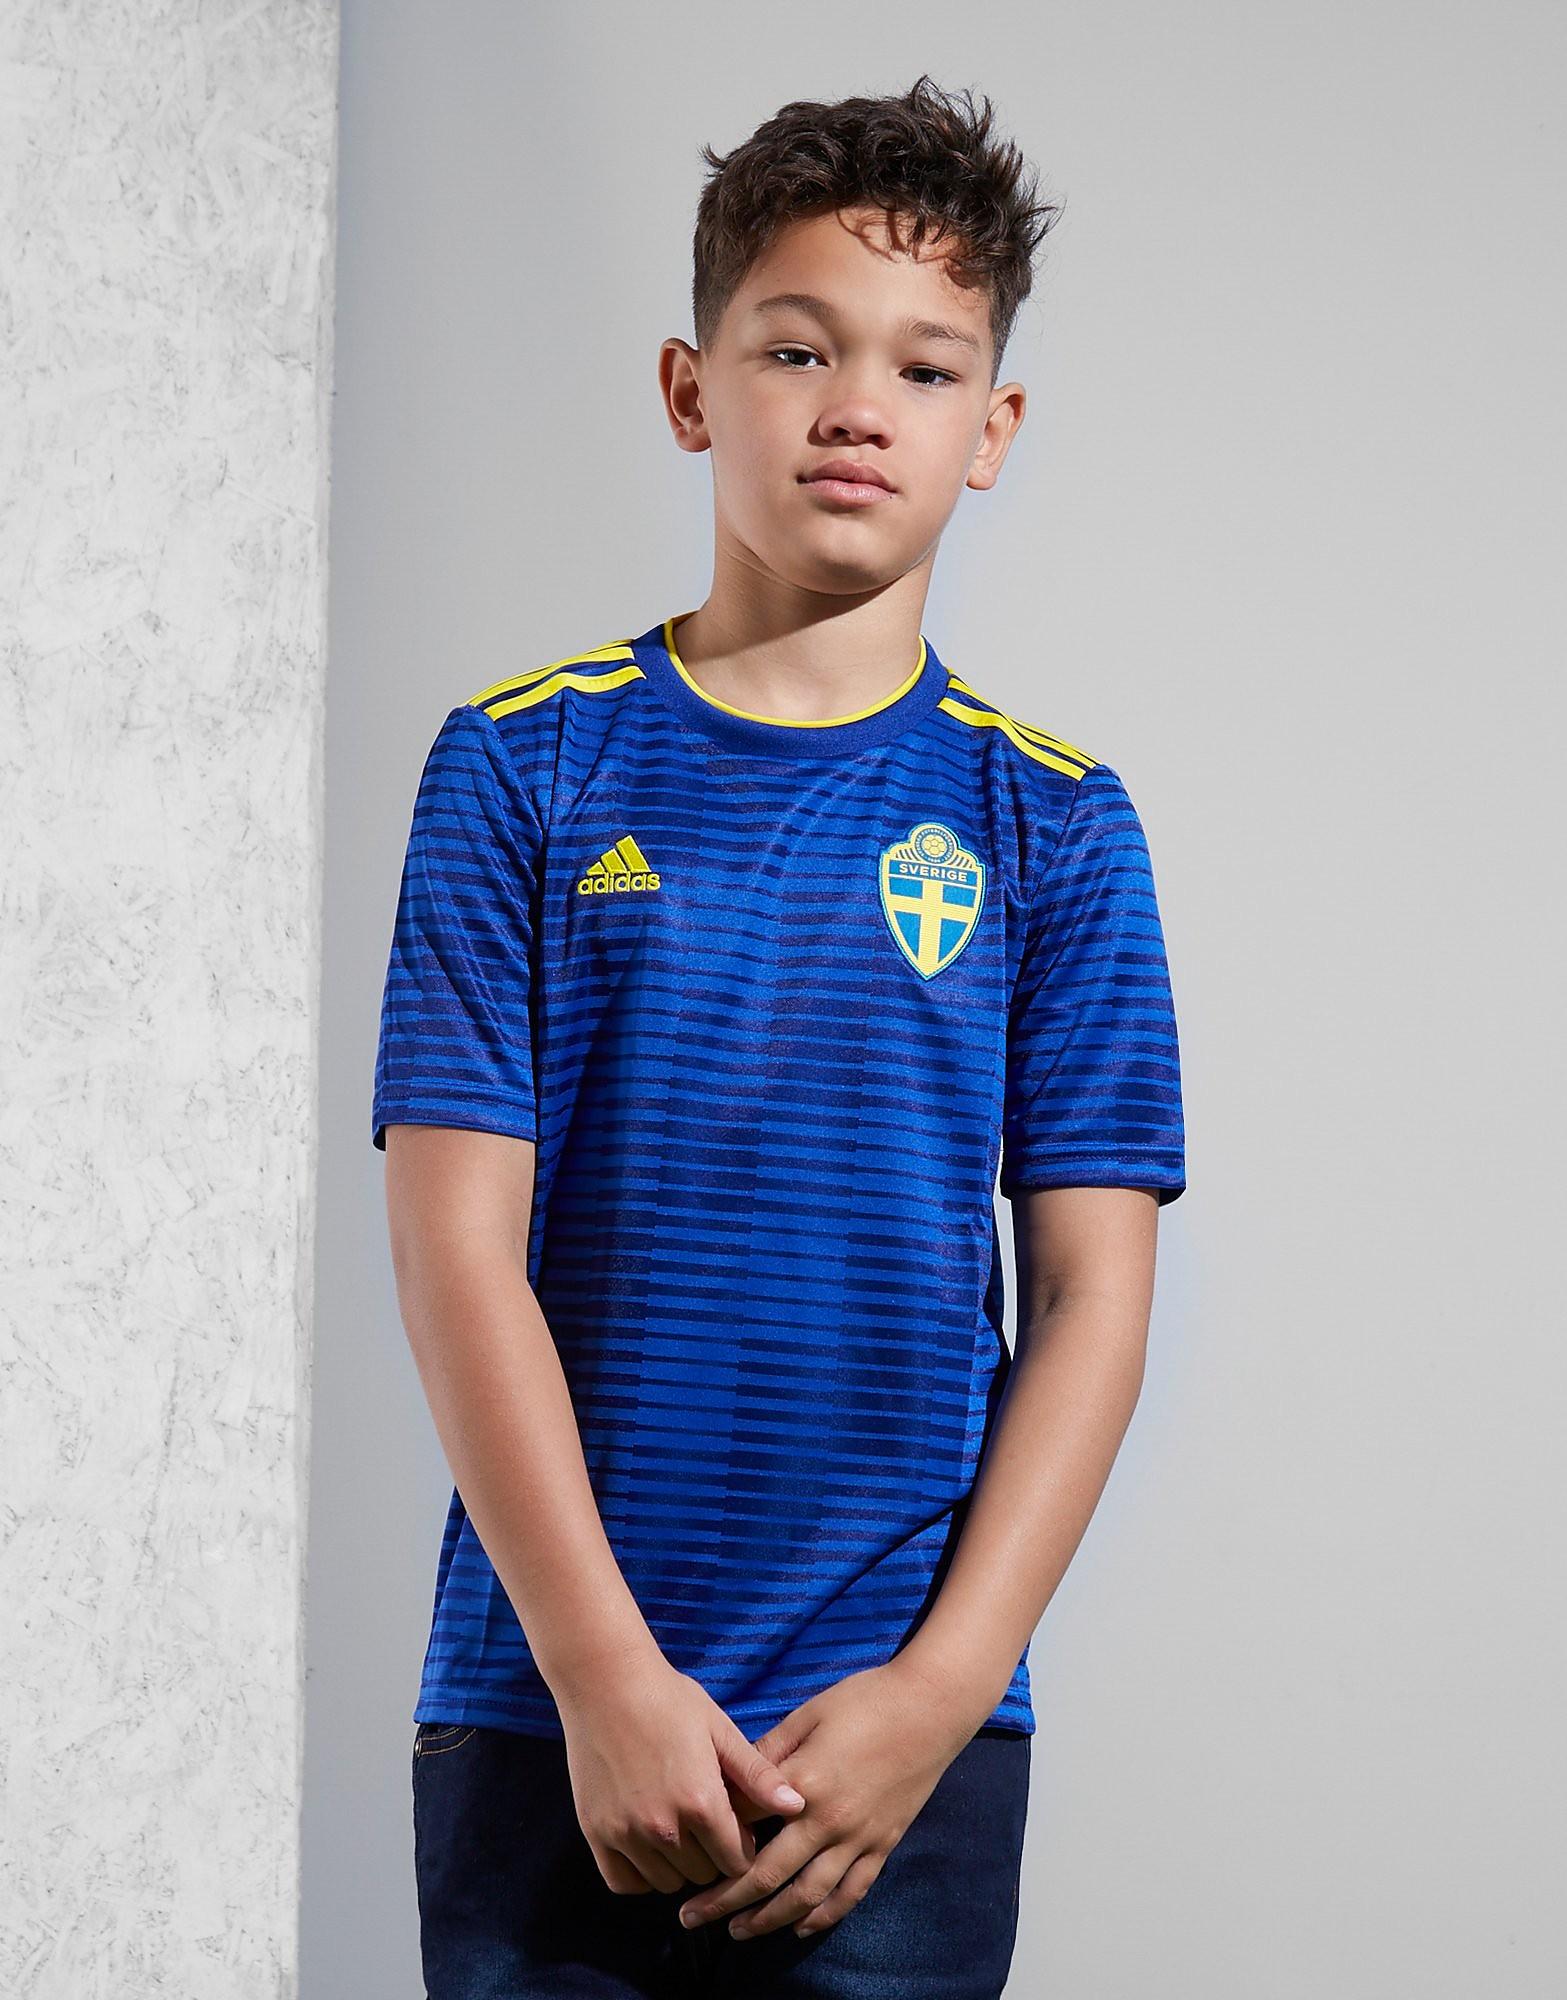 adidas Sverige 2018 Bortatröja Junior FÖRBESTÄLLNING